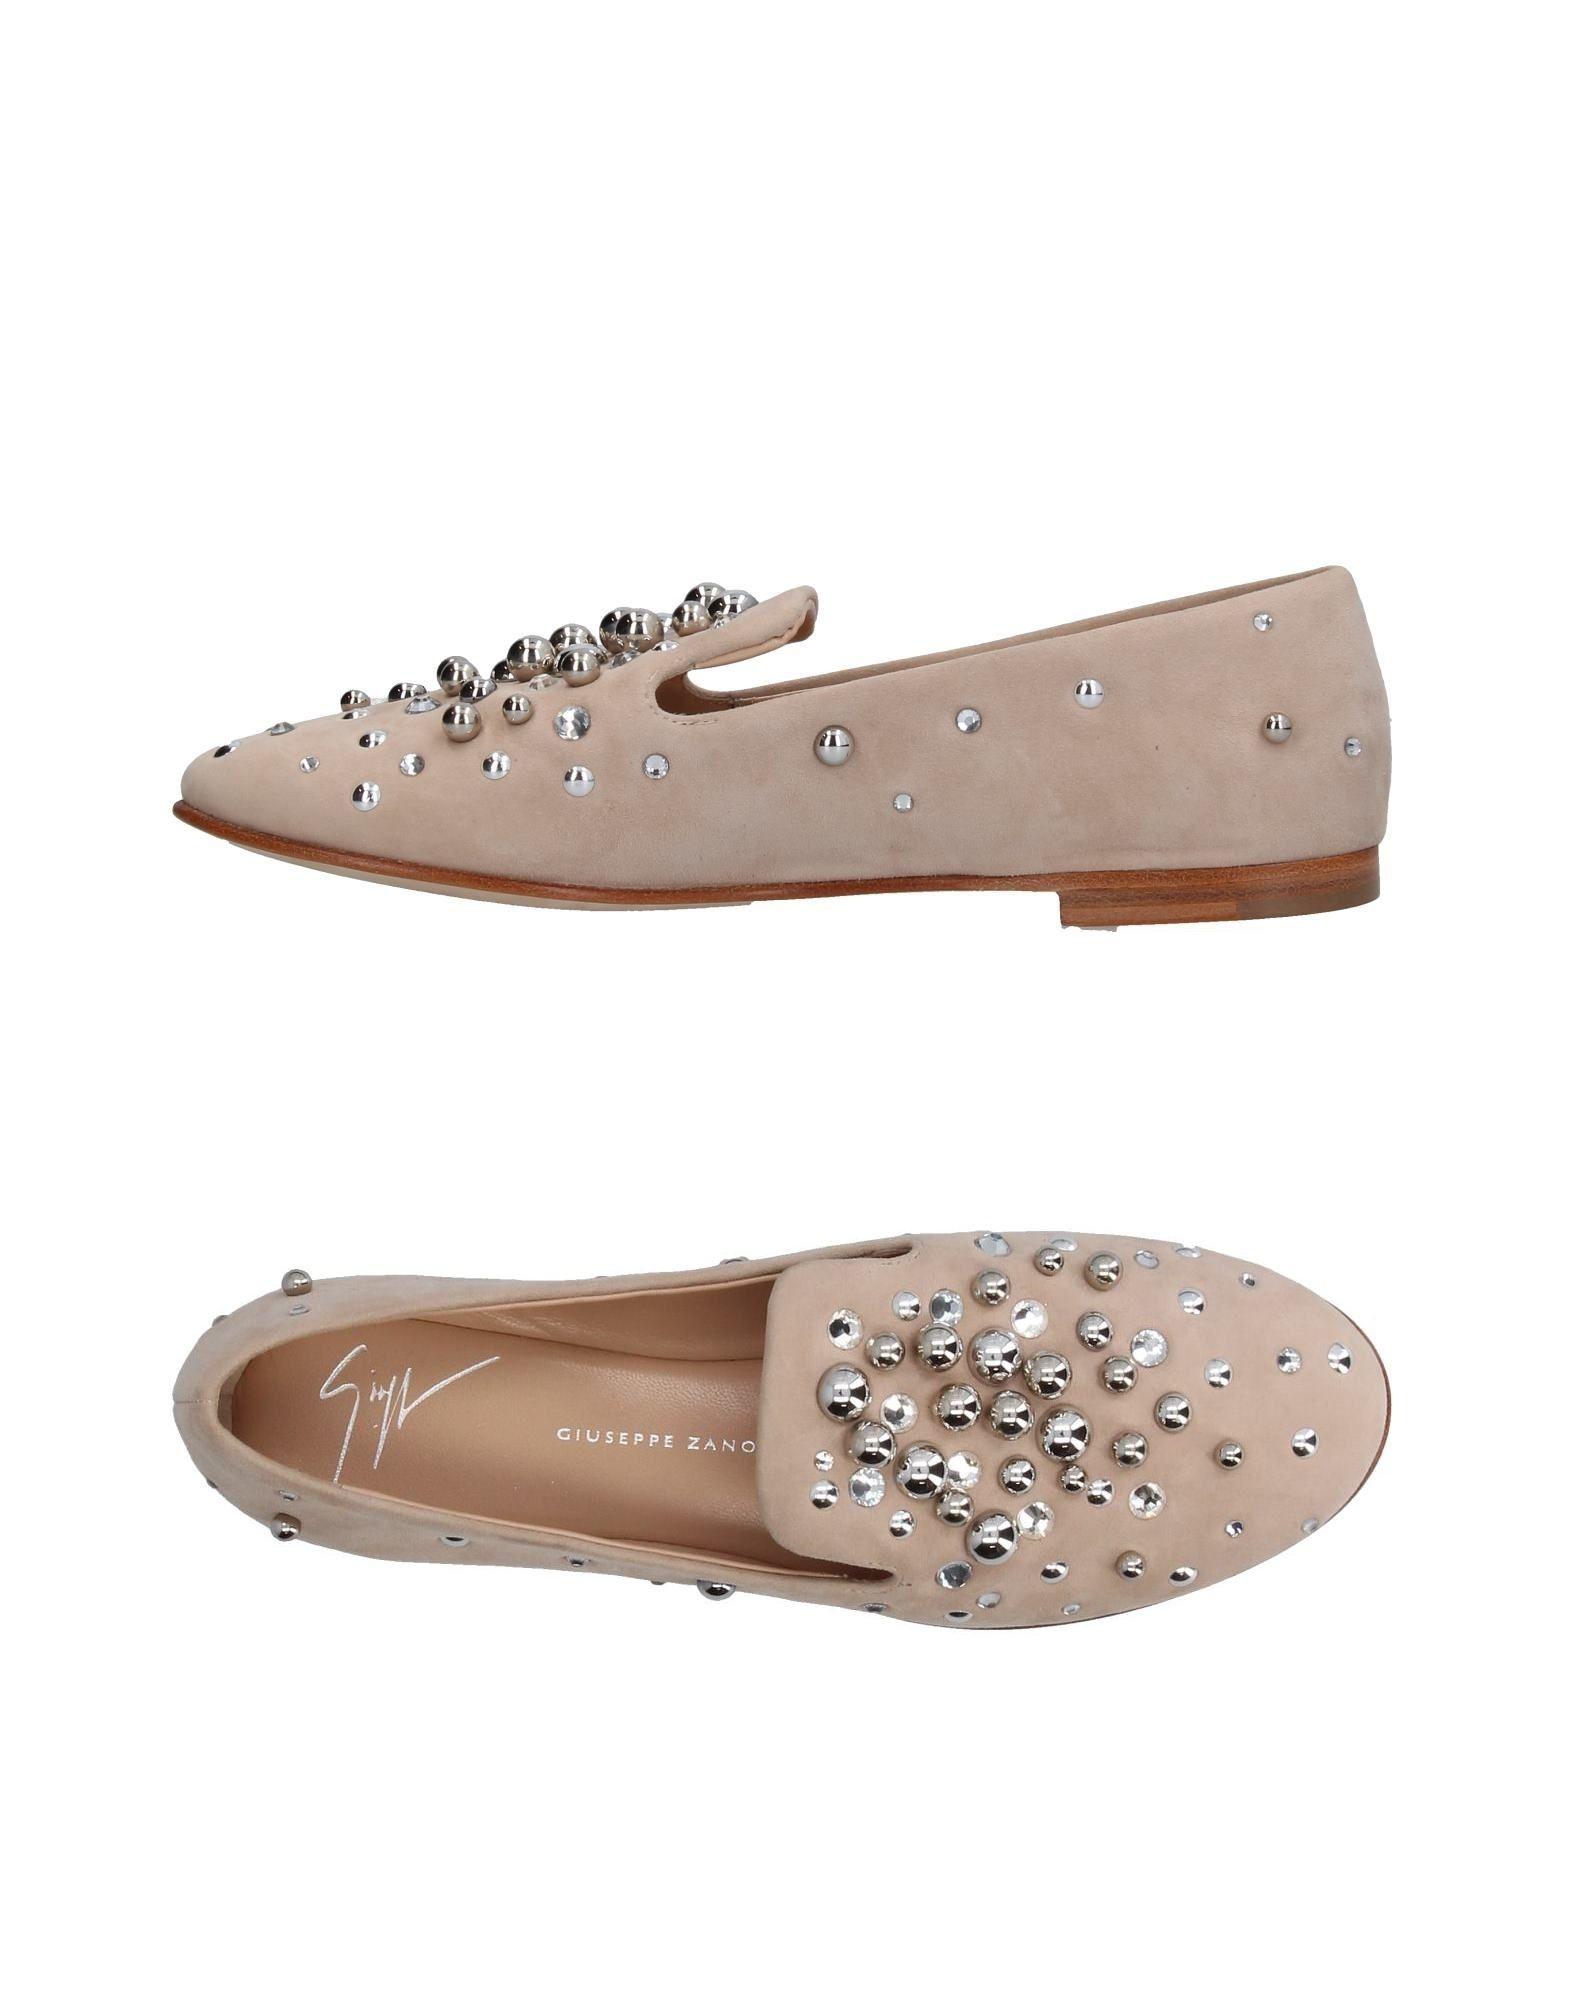 Giuseppe Zanotti Mokassins Damen  11397826JBGünstige gut aussehende Schuhe